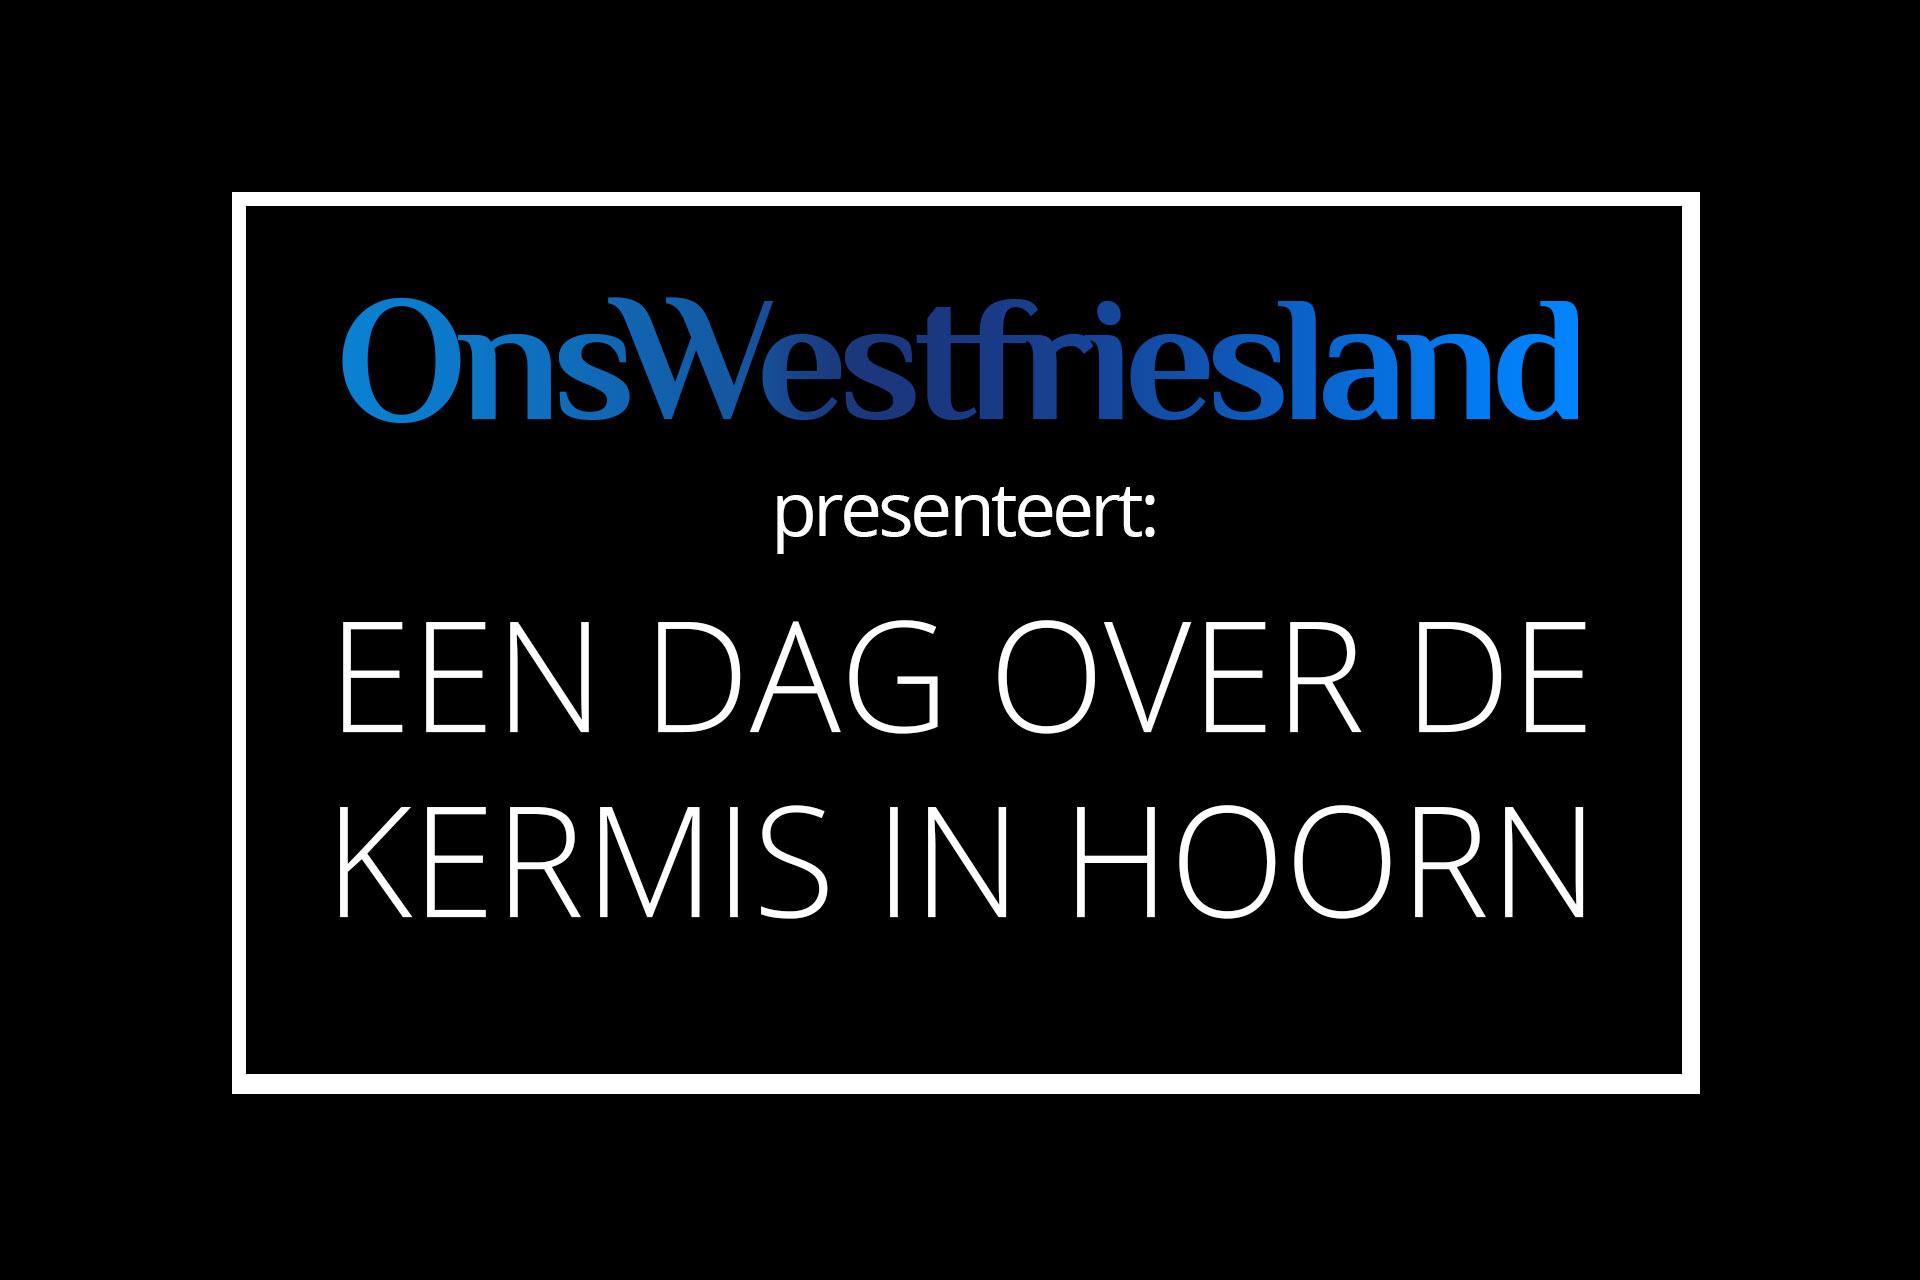 Video: Dagje Kermis in Hoorn